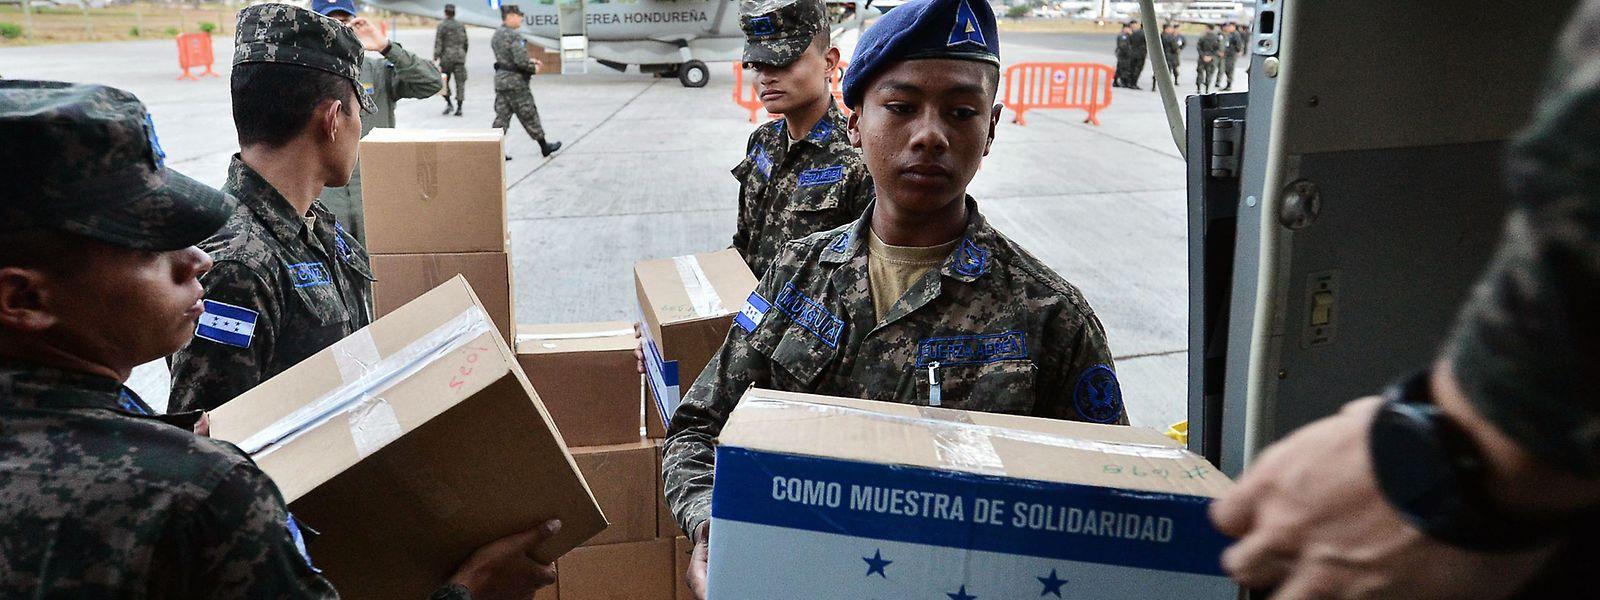 Mitglieder der Luftmacht aus Honduras laden Hilfsgüter für Venezuela in Flugzeuge.